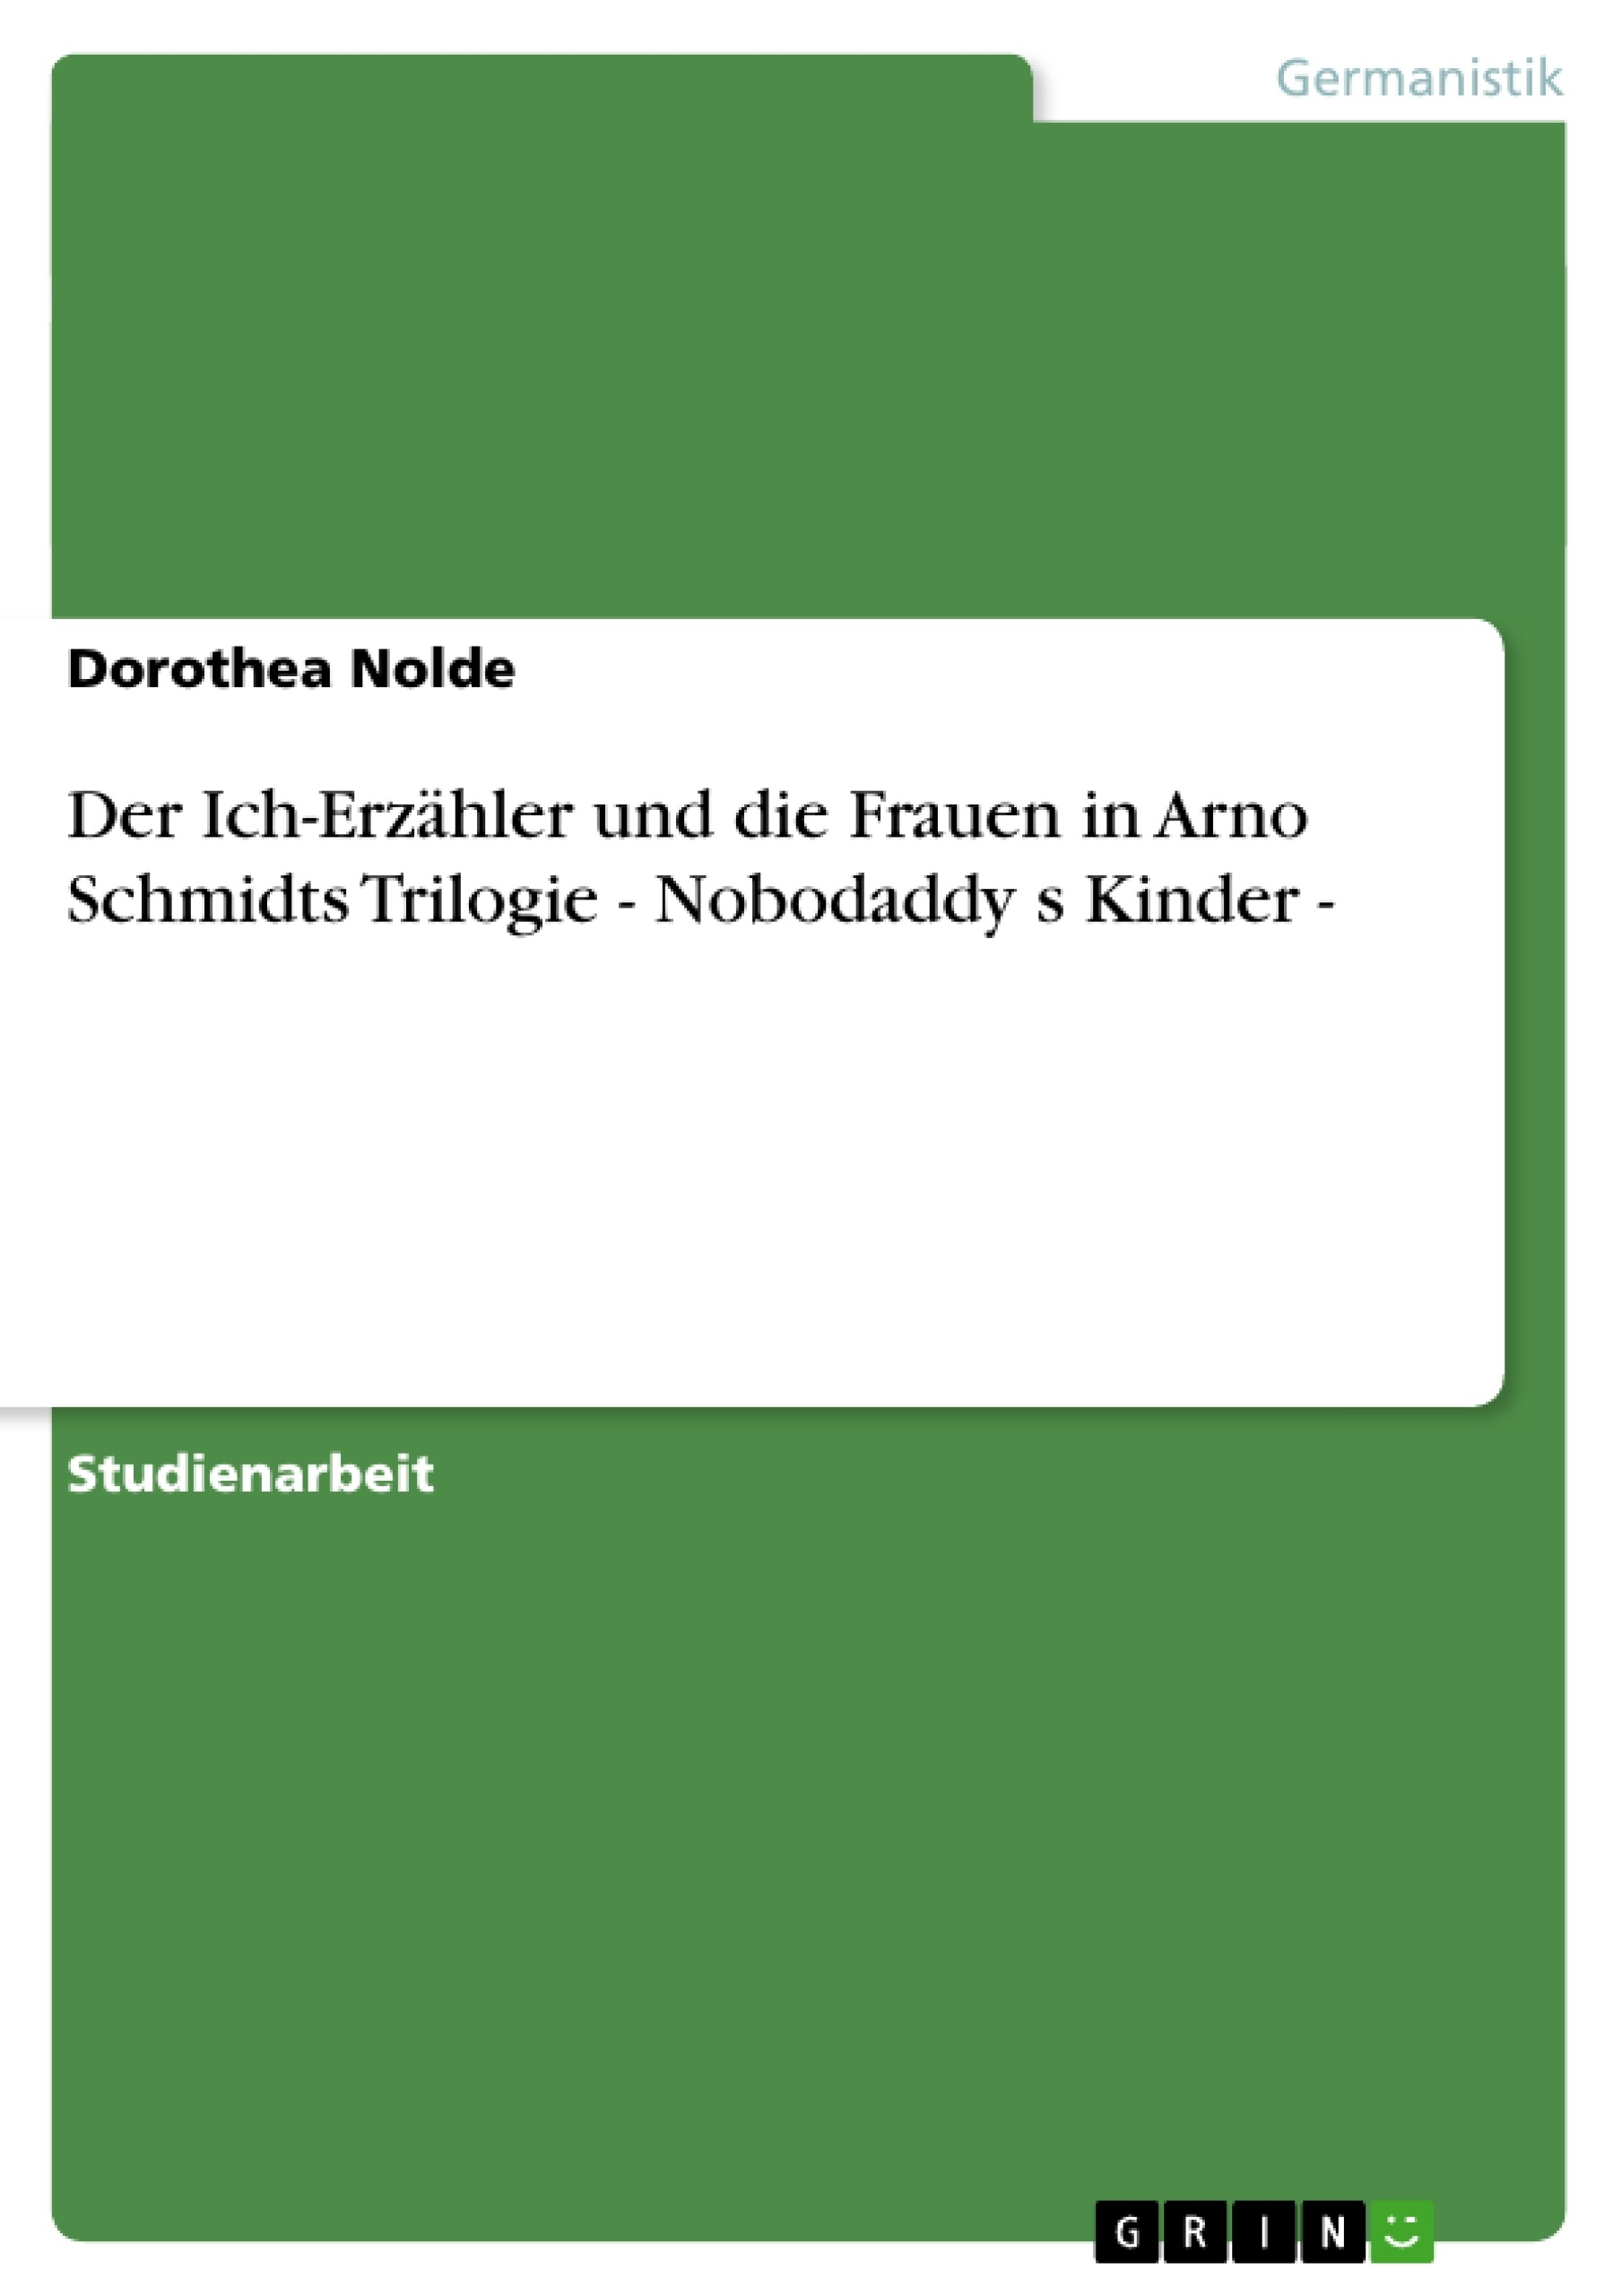 Titel: Der Ich-Erzähler und die Frauen in Arno Schmidts Trilogie - Nobodaddy s Kinder -